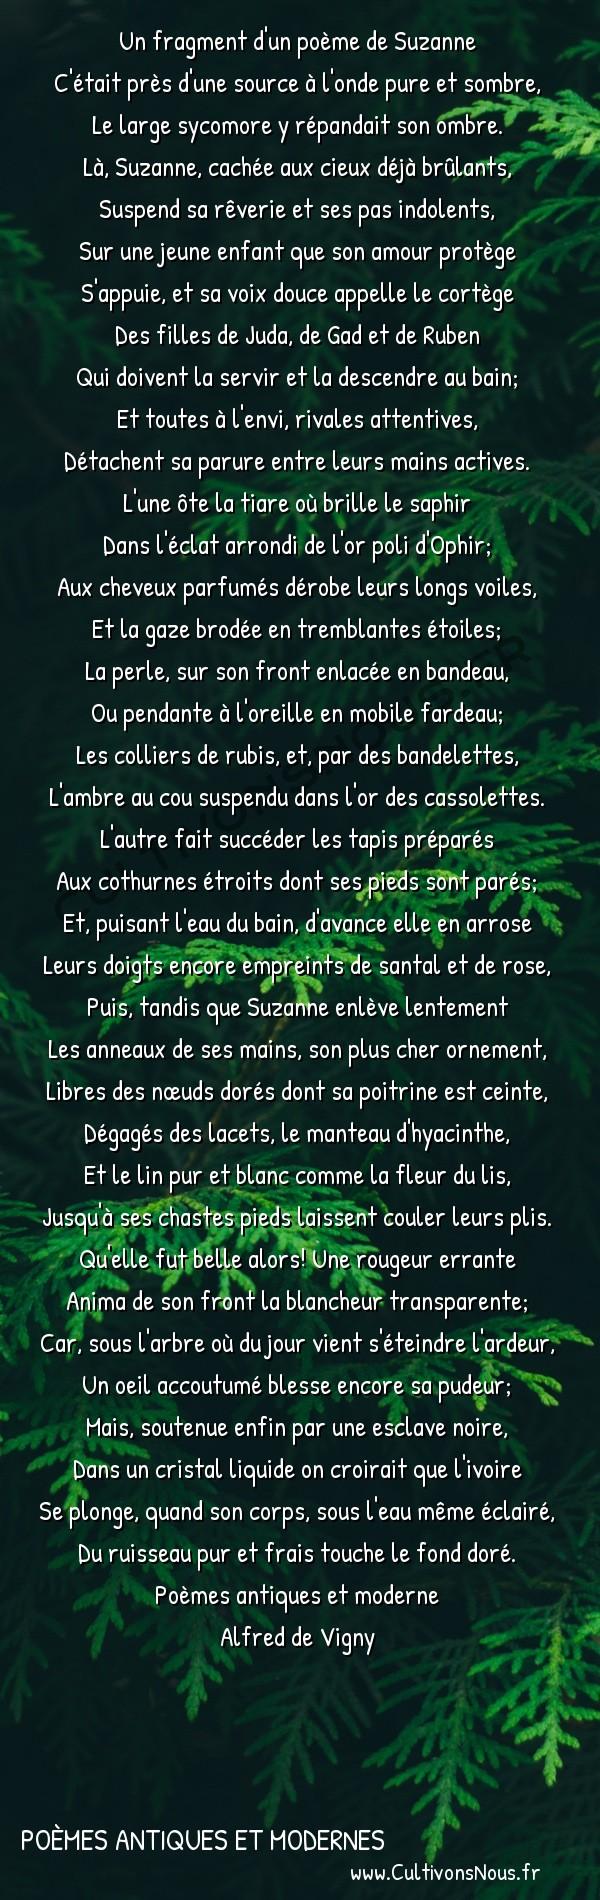 Poésie Alfred de Vigny - Poèmes antiques et modernes - Le Bain -  Un fragment d'un poème de Suzanne C'était près d'une source à l'onde pure et sombre,